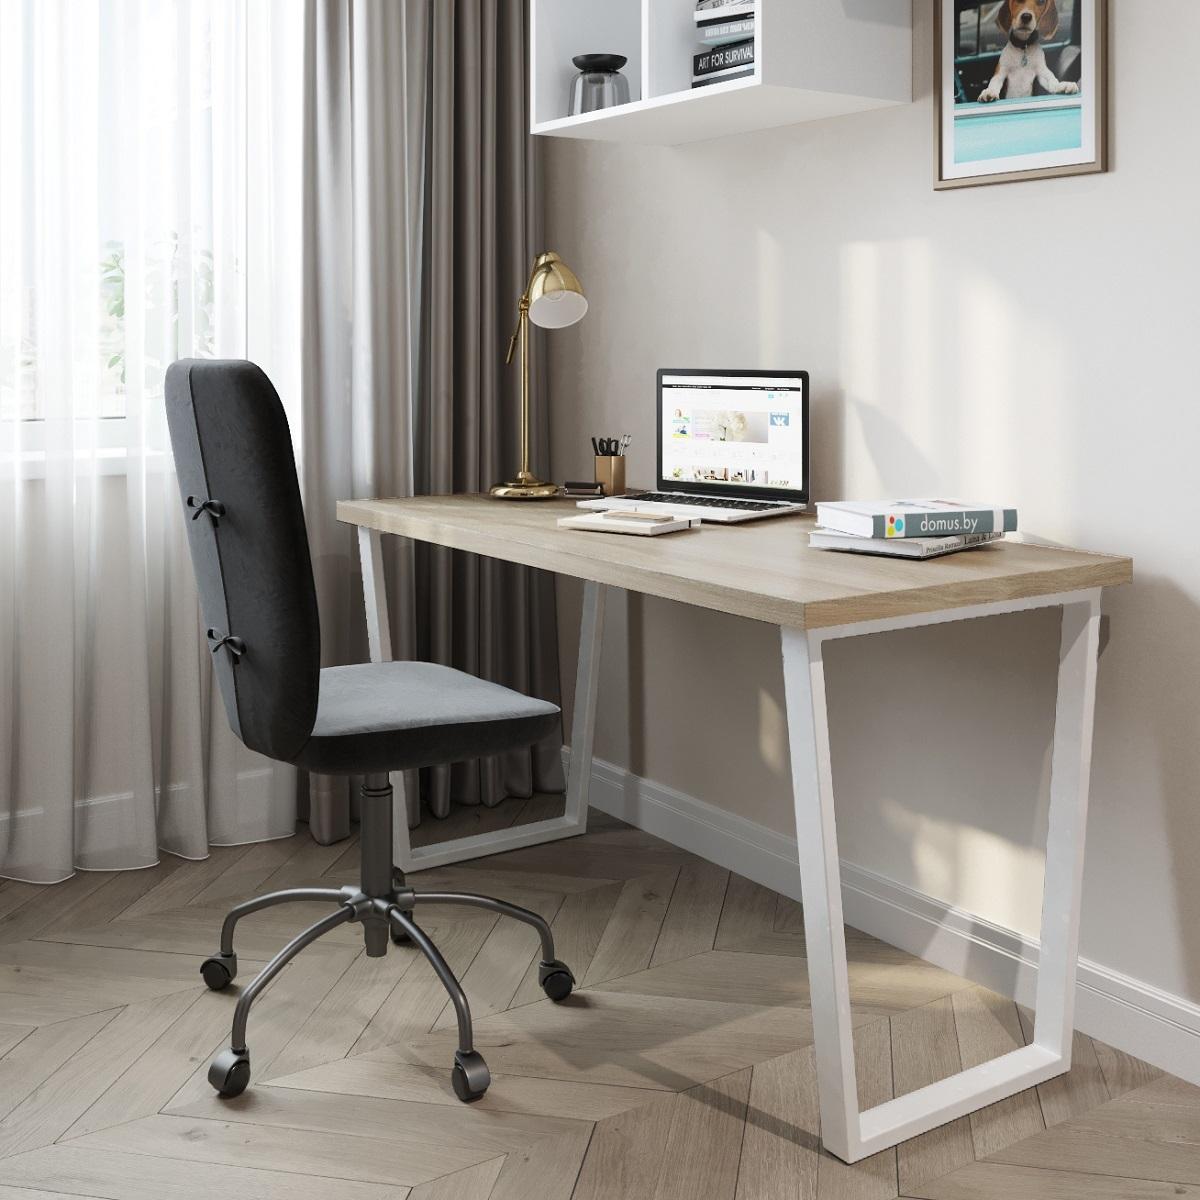 Письменный стол ДОМУС СП013 вяз светлый/металл белый